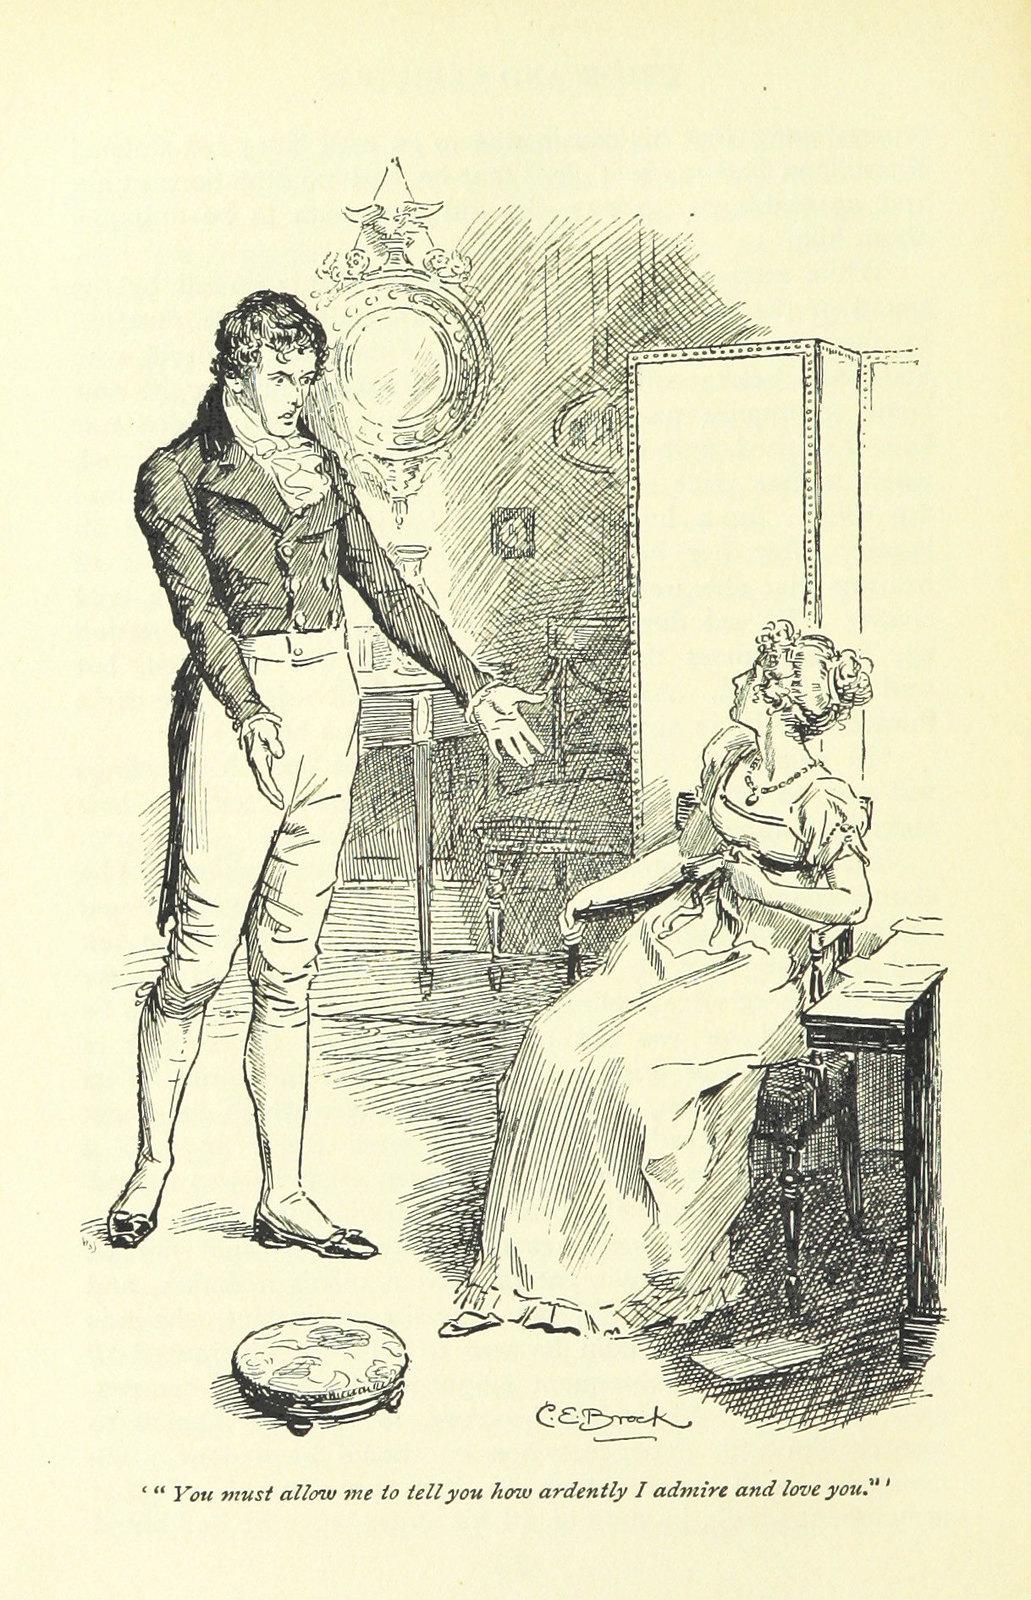 Scene from Jane Austen's Pride and prejudice.